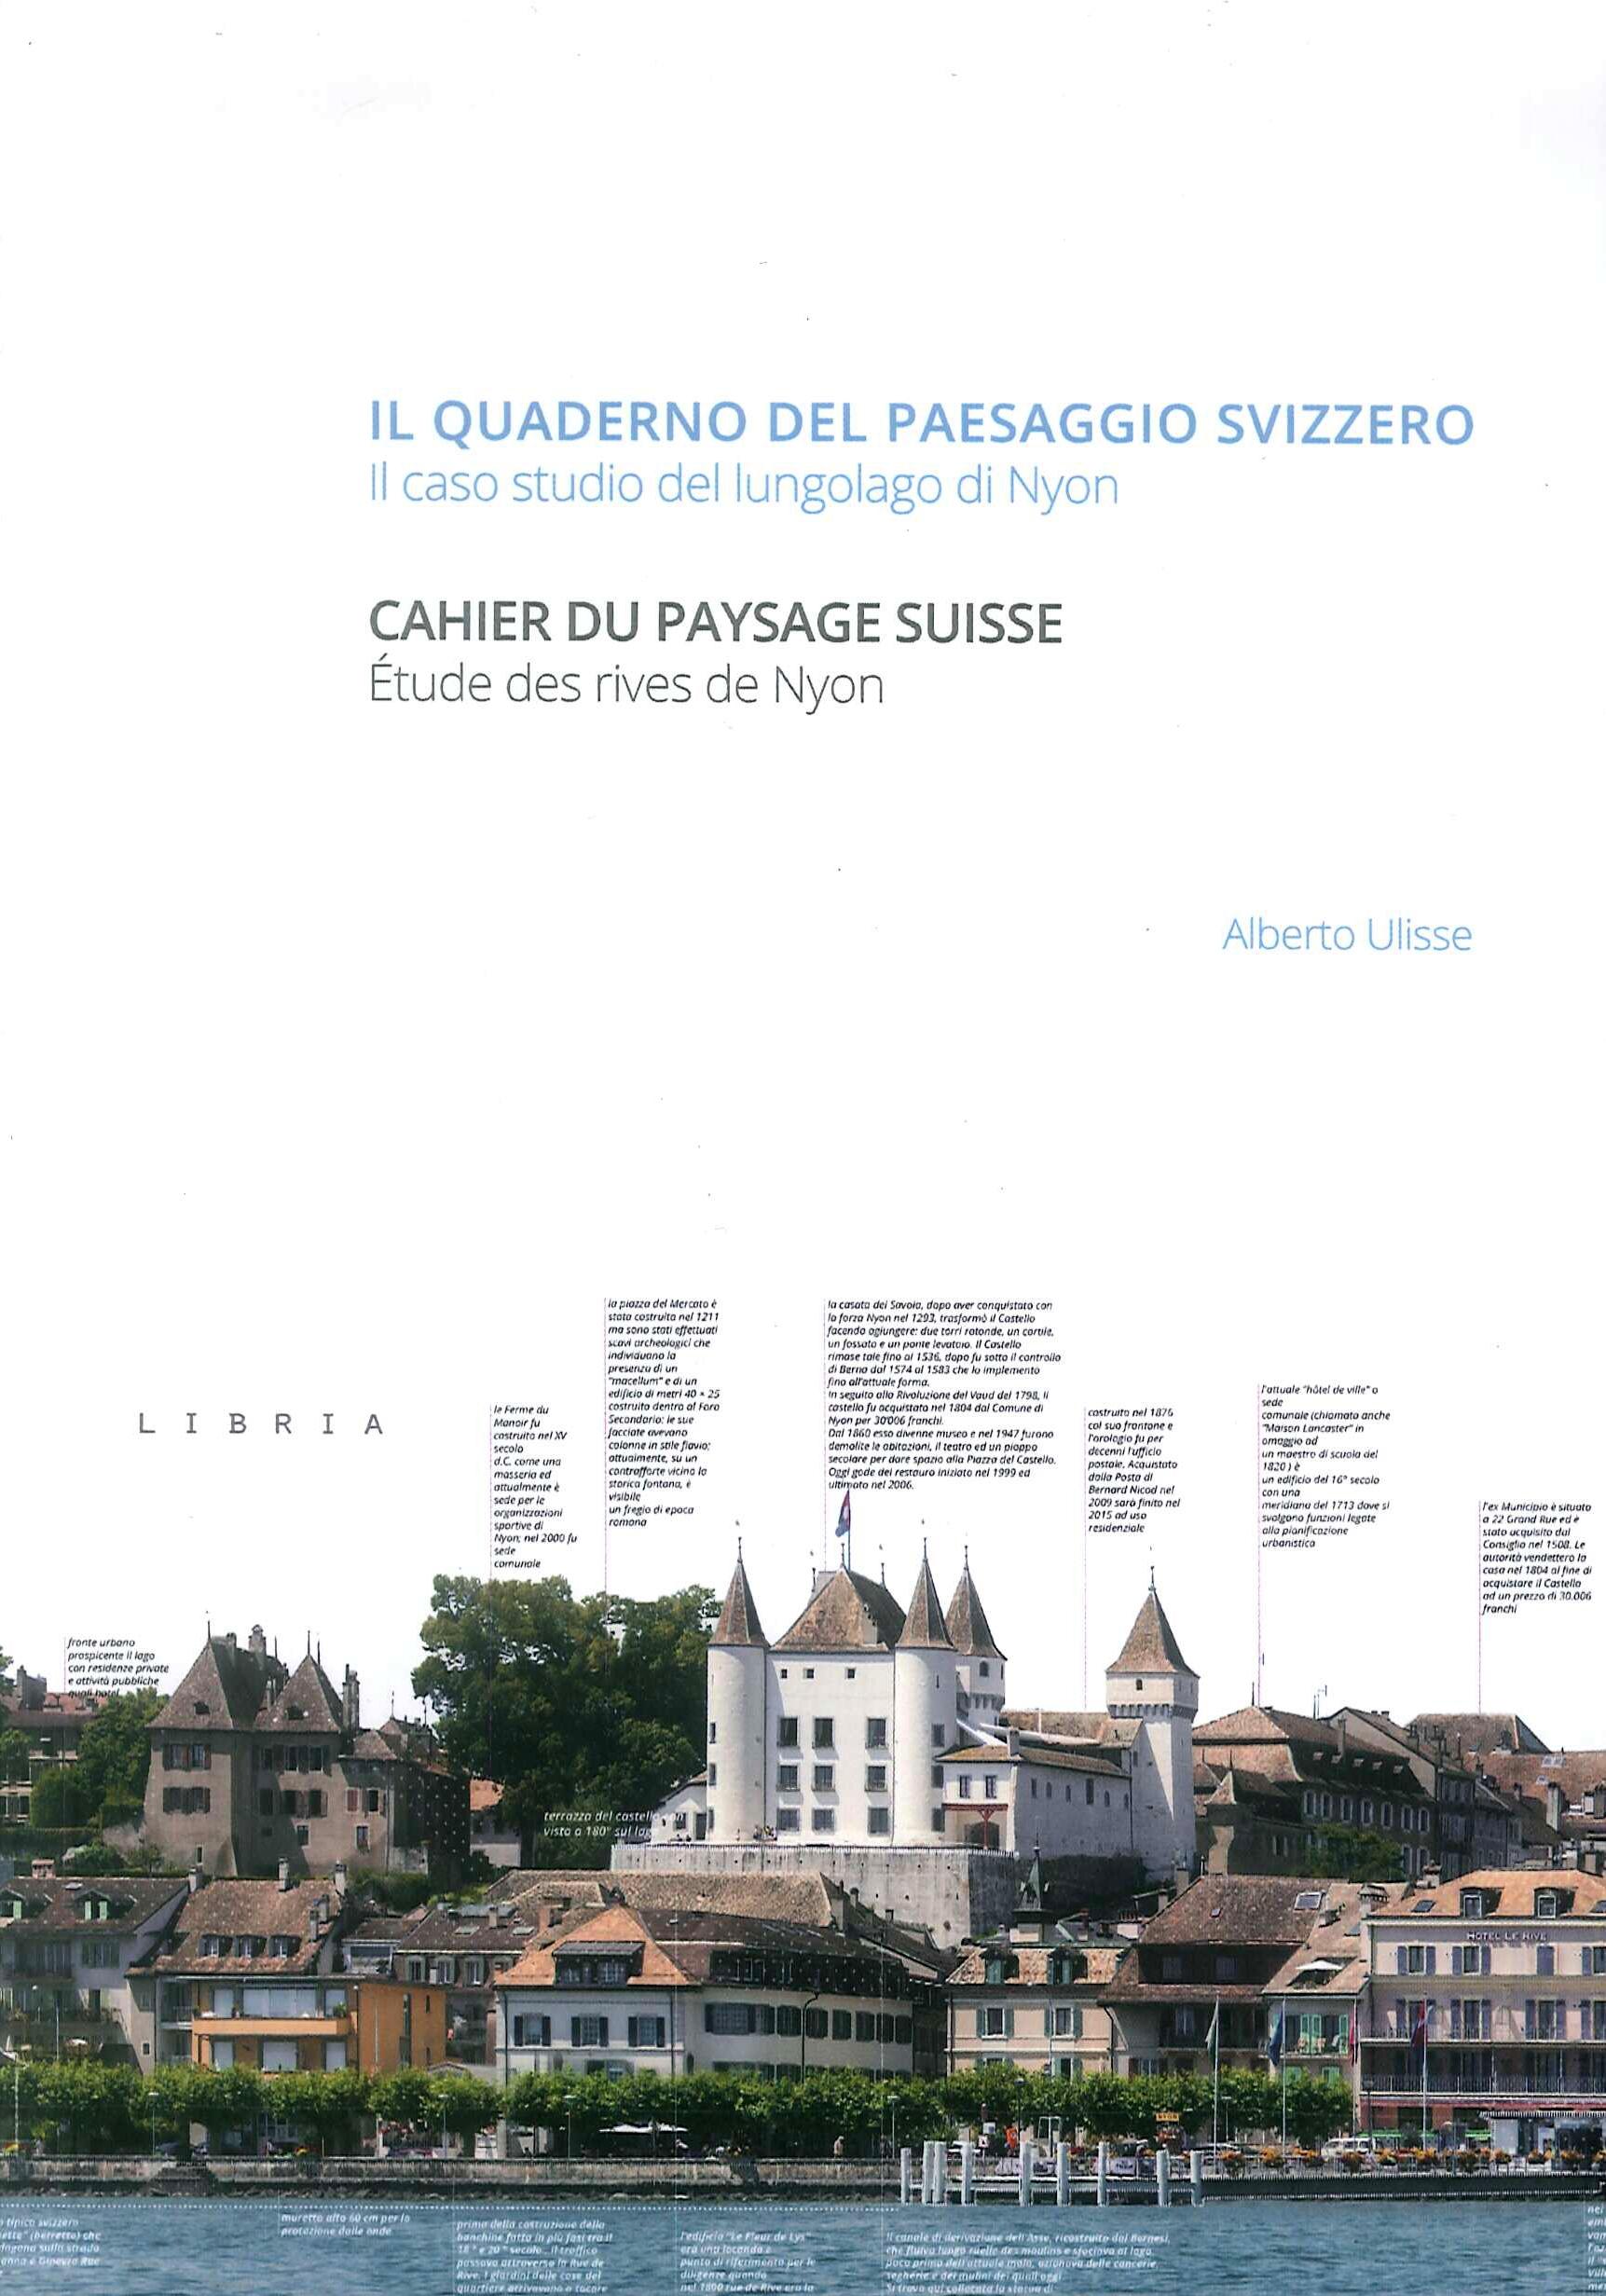 Il quaderno del paesaggio svizzero. Il caso studio del lungolago di Nyon